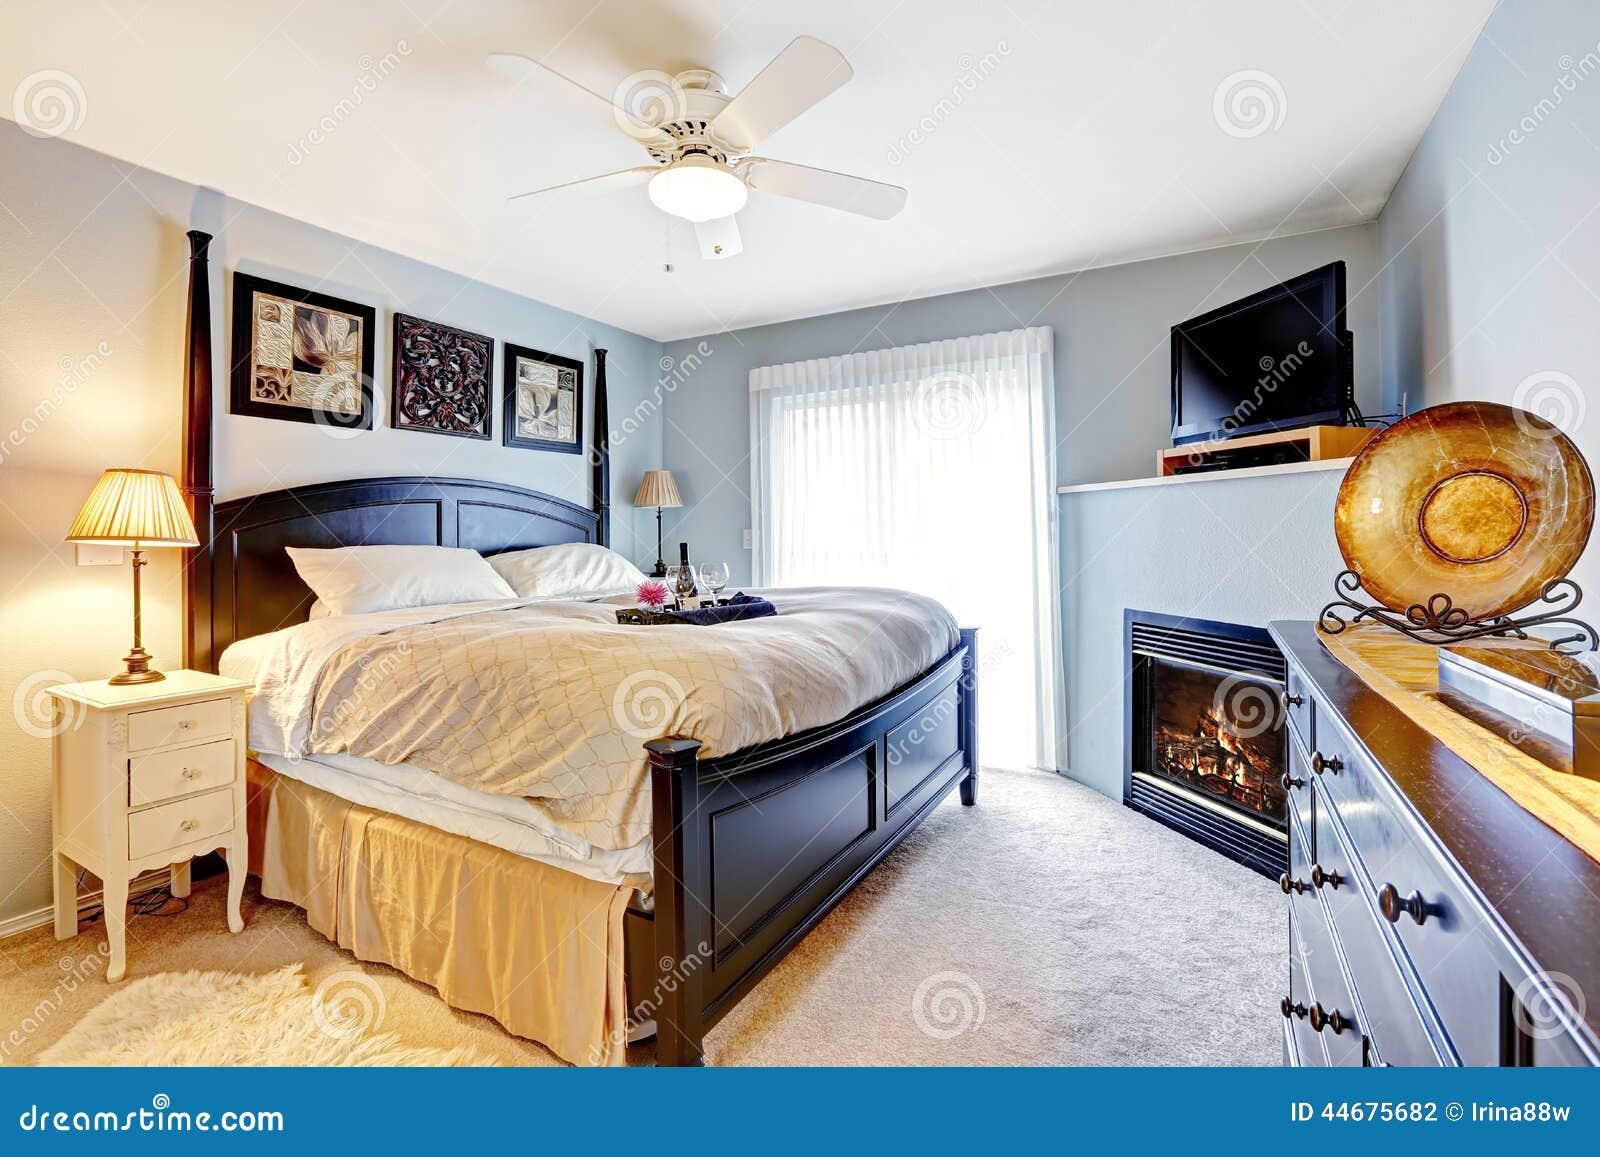 Chambre Coucher Principale Avec La Chemin E Et La Tv Photo Stock  # Meuble Pour Tv Dans Une Chambre A Couche